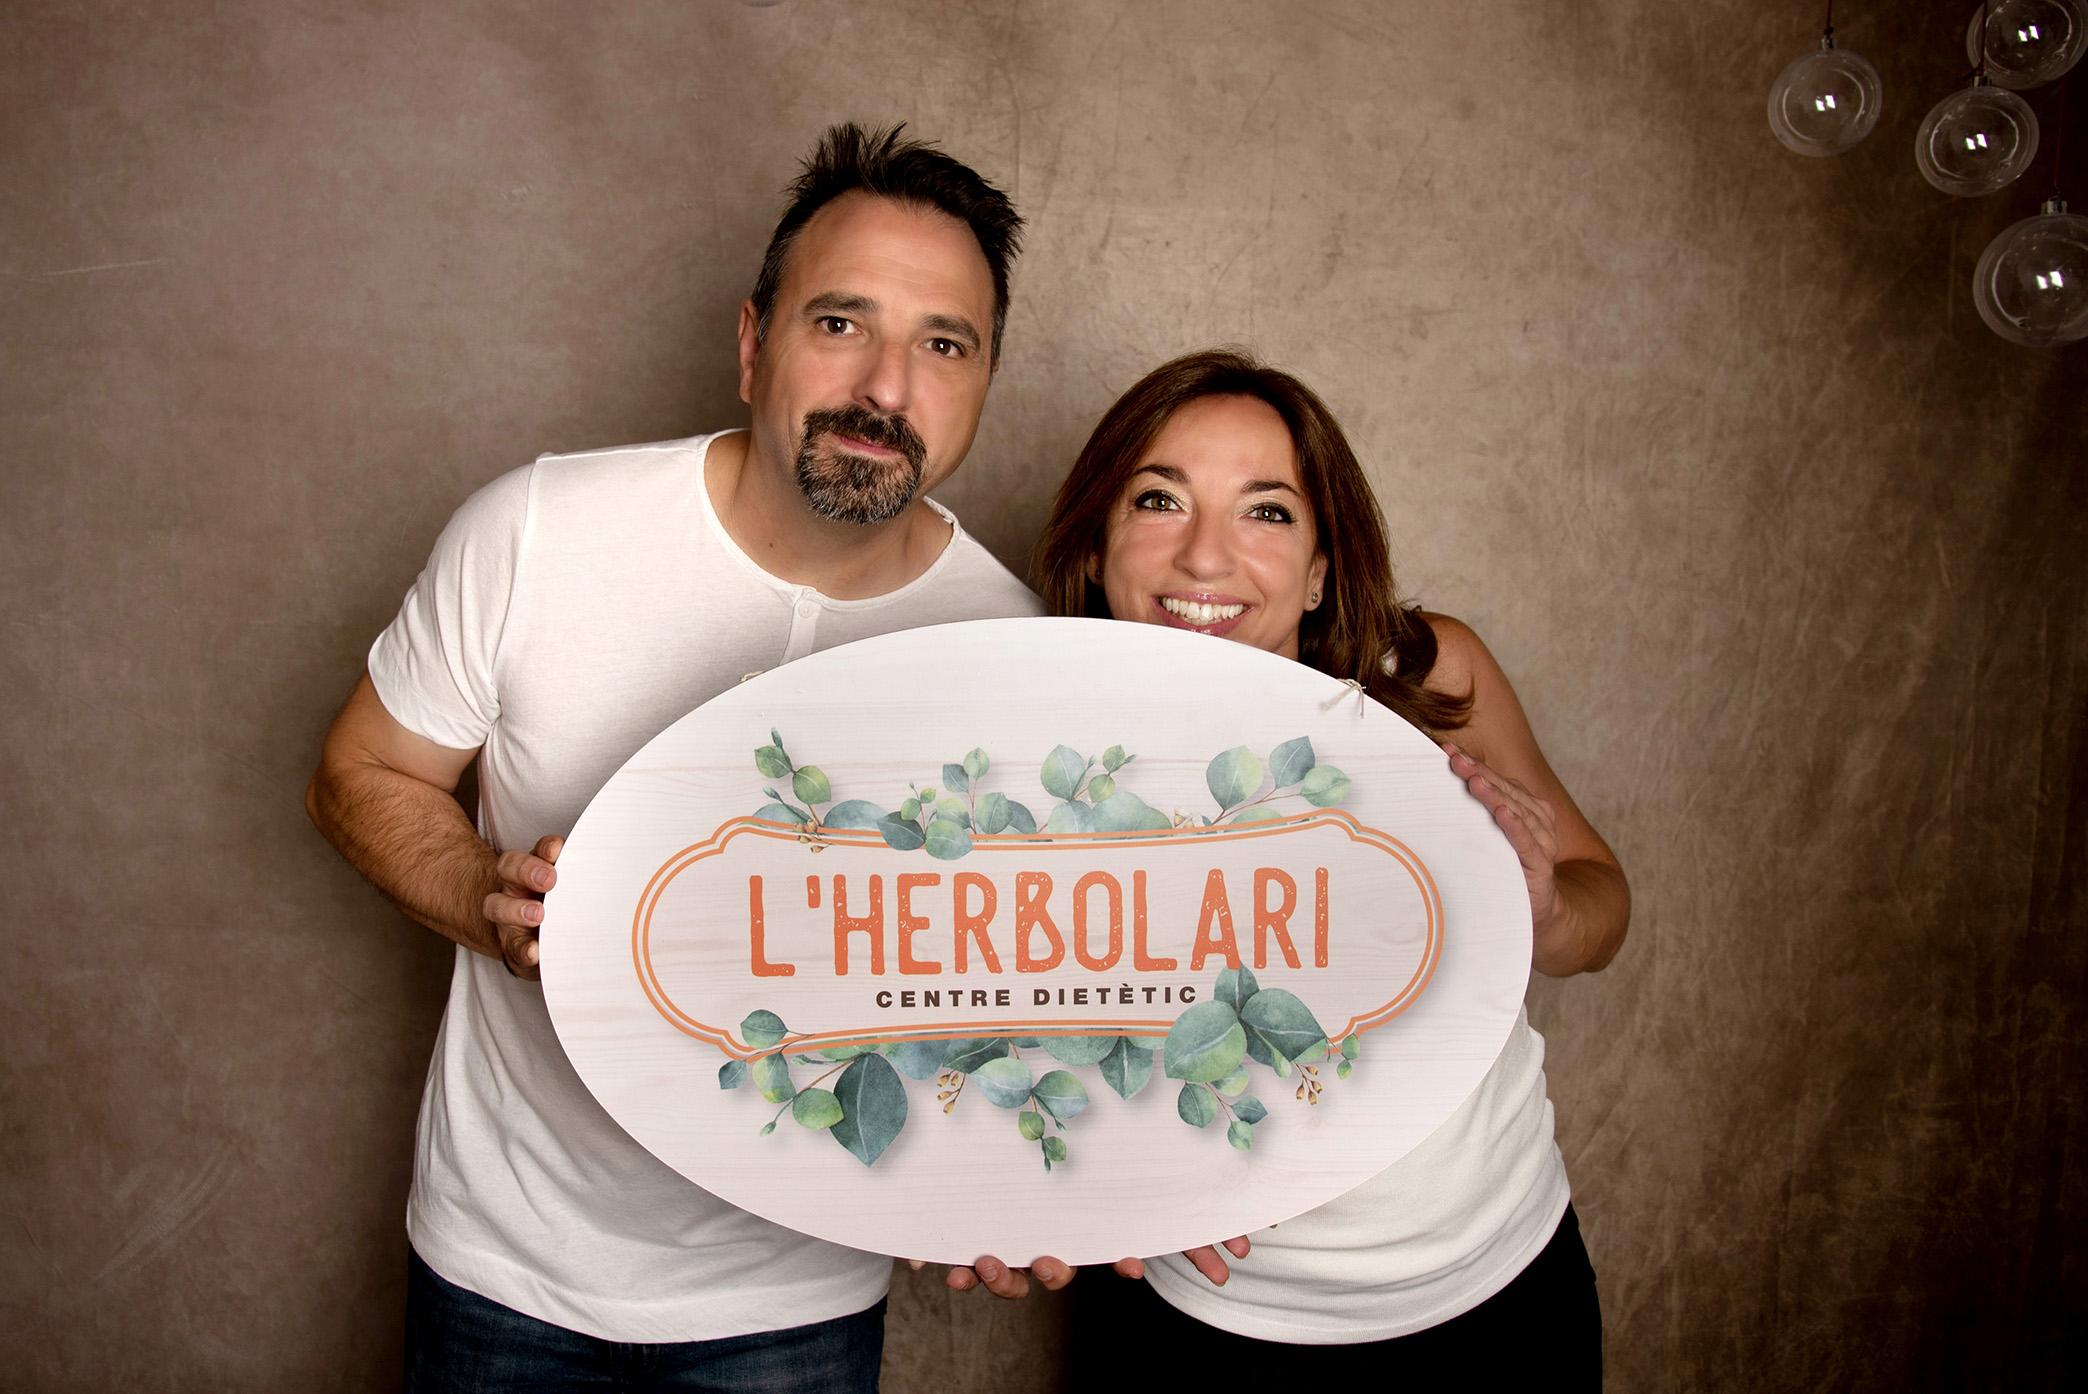 L'Herbolari: Centre dietètic